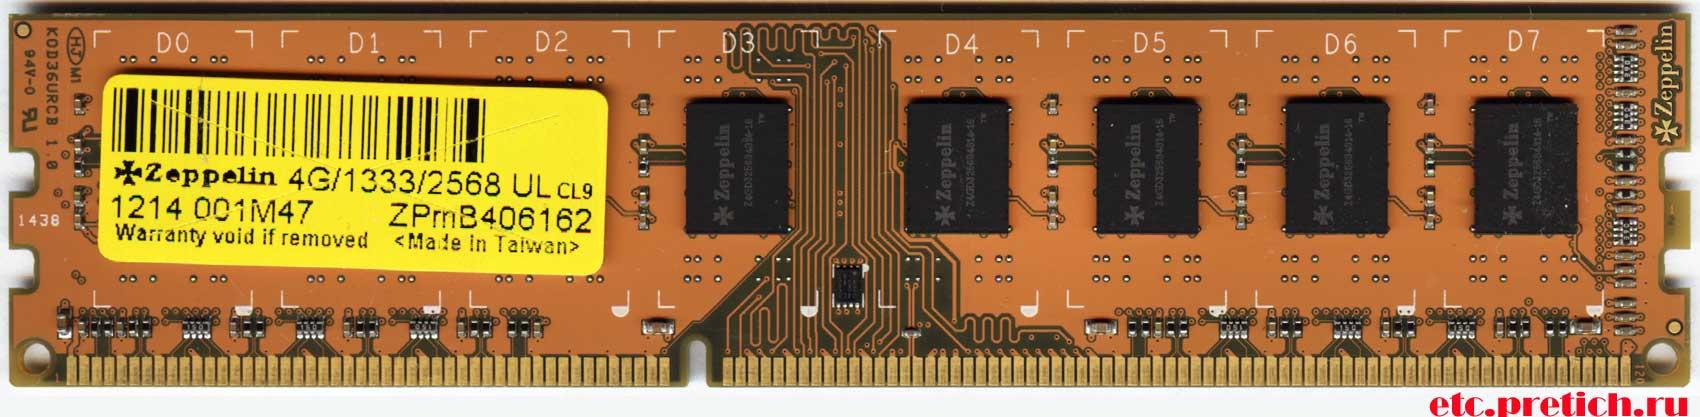 Zeppelin 4G/1333/2568 память DDR3 отзыв на ОЗУ - брак!